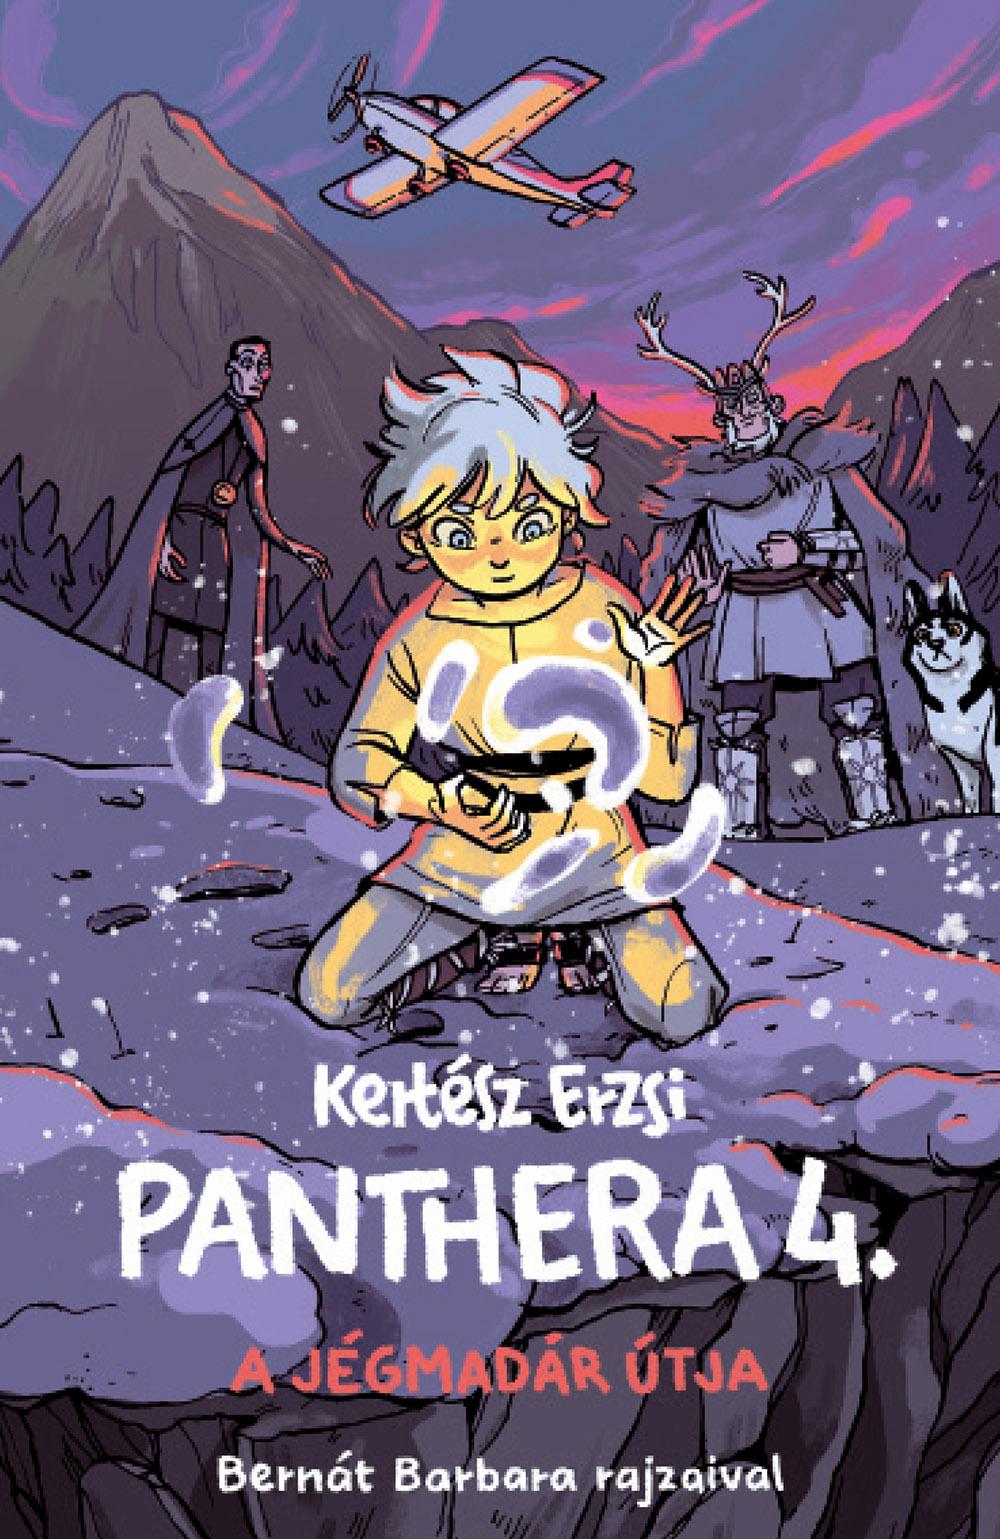 Panthera 4. A jégmadár útja